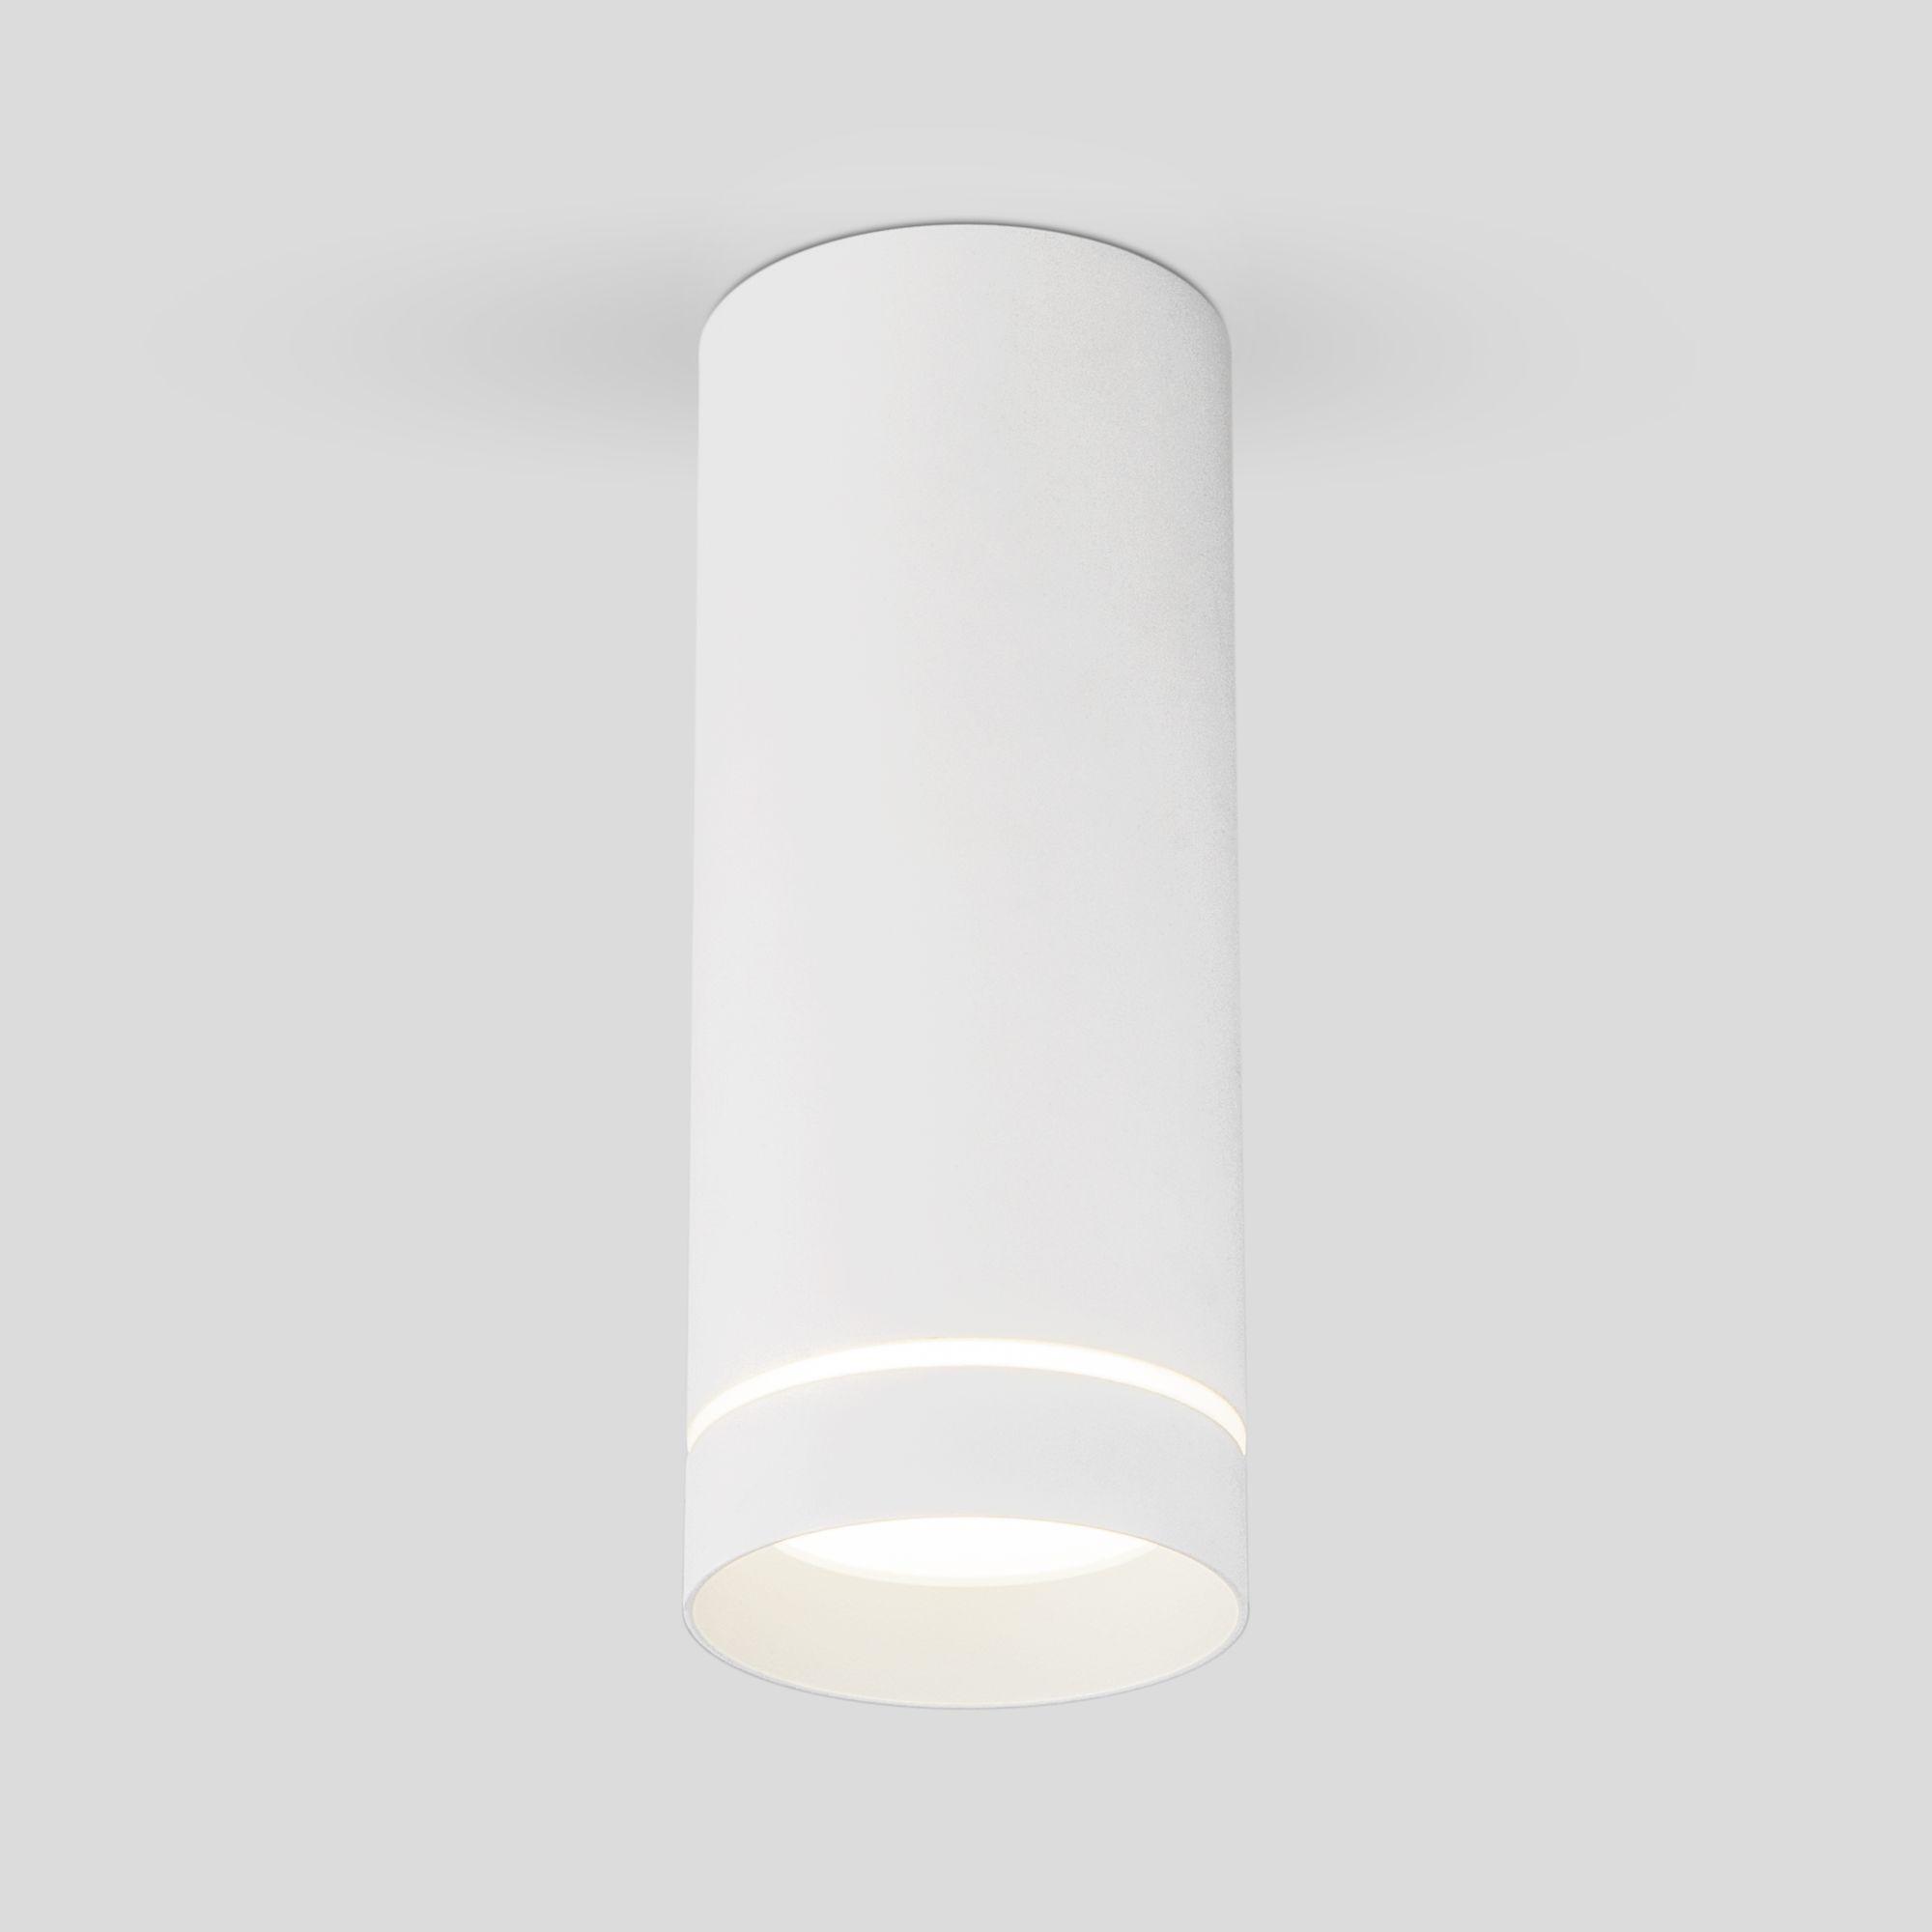 Накладной акцентный светодиодный светильник DLR022 12W 4200K белый матовый